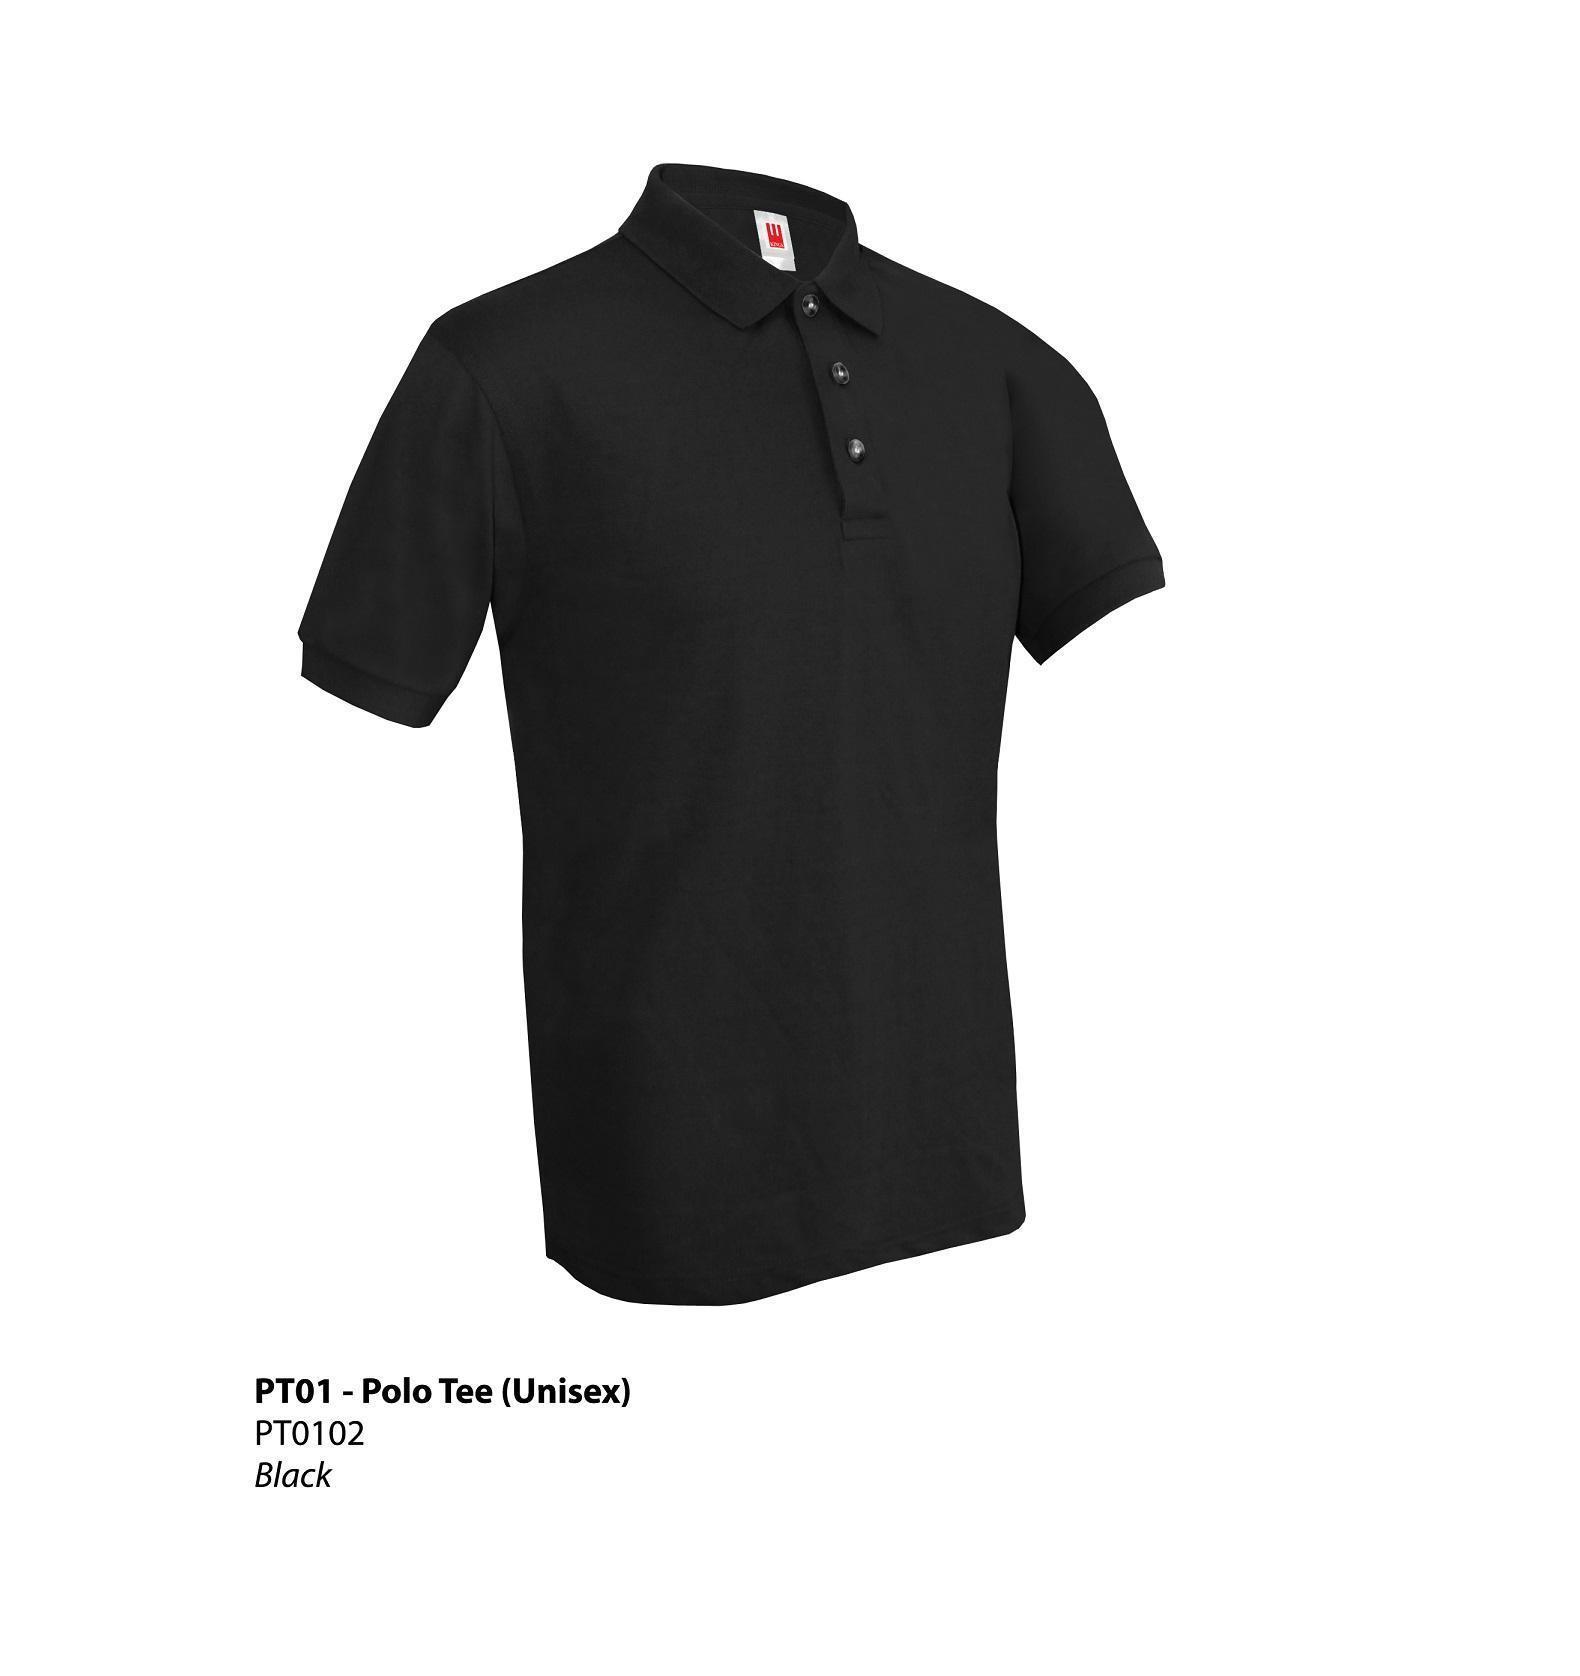 Polo Tee Pt01 Plain 11 Colors Unisex T Shirt 2 U Online T